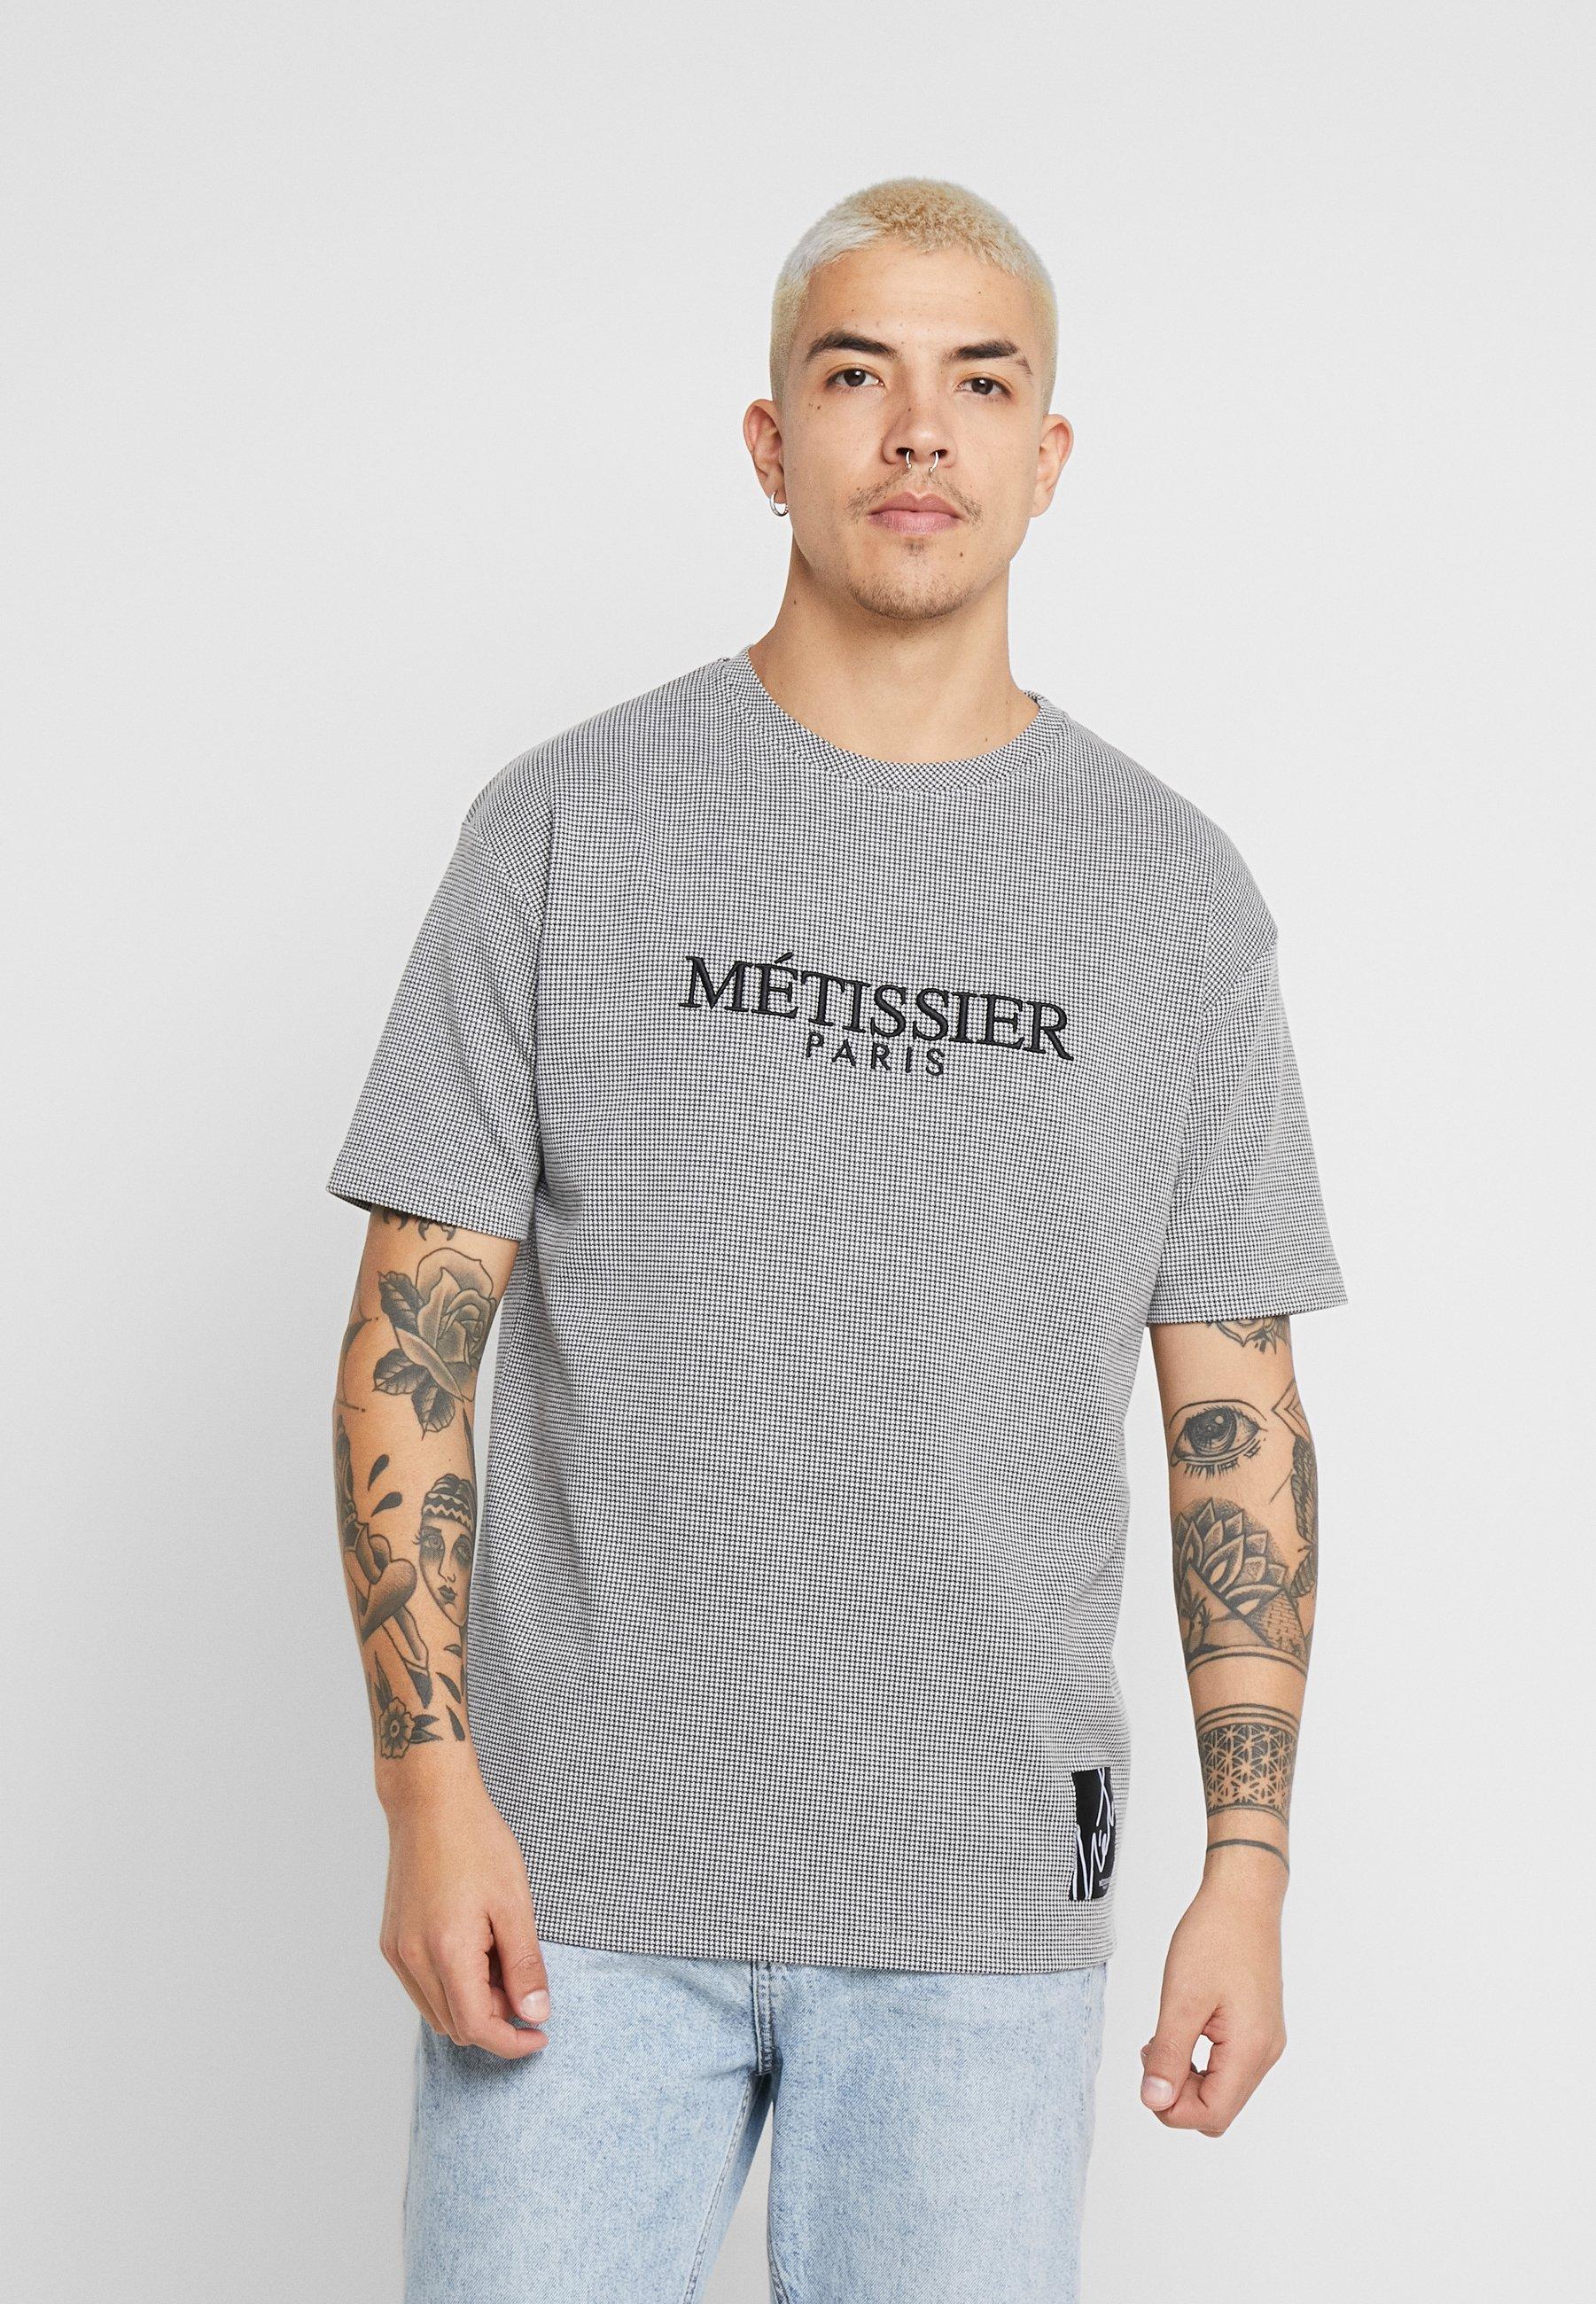 Metissier online shop | Gratis verzending | ZALANDO